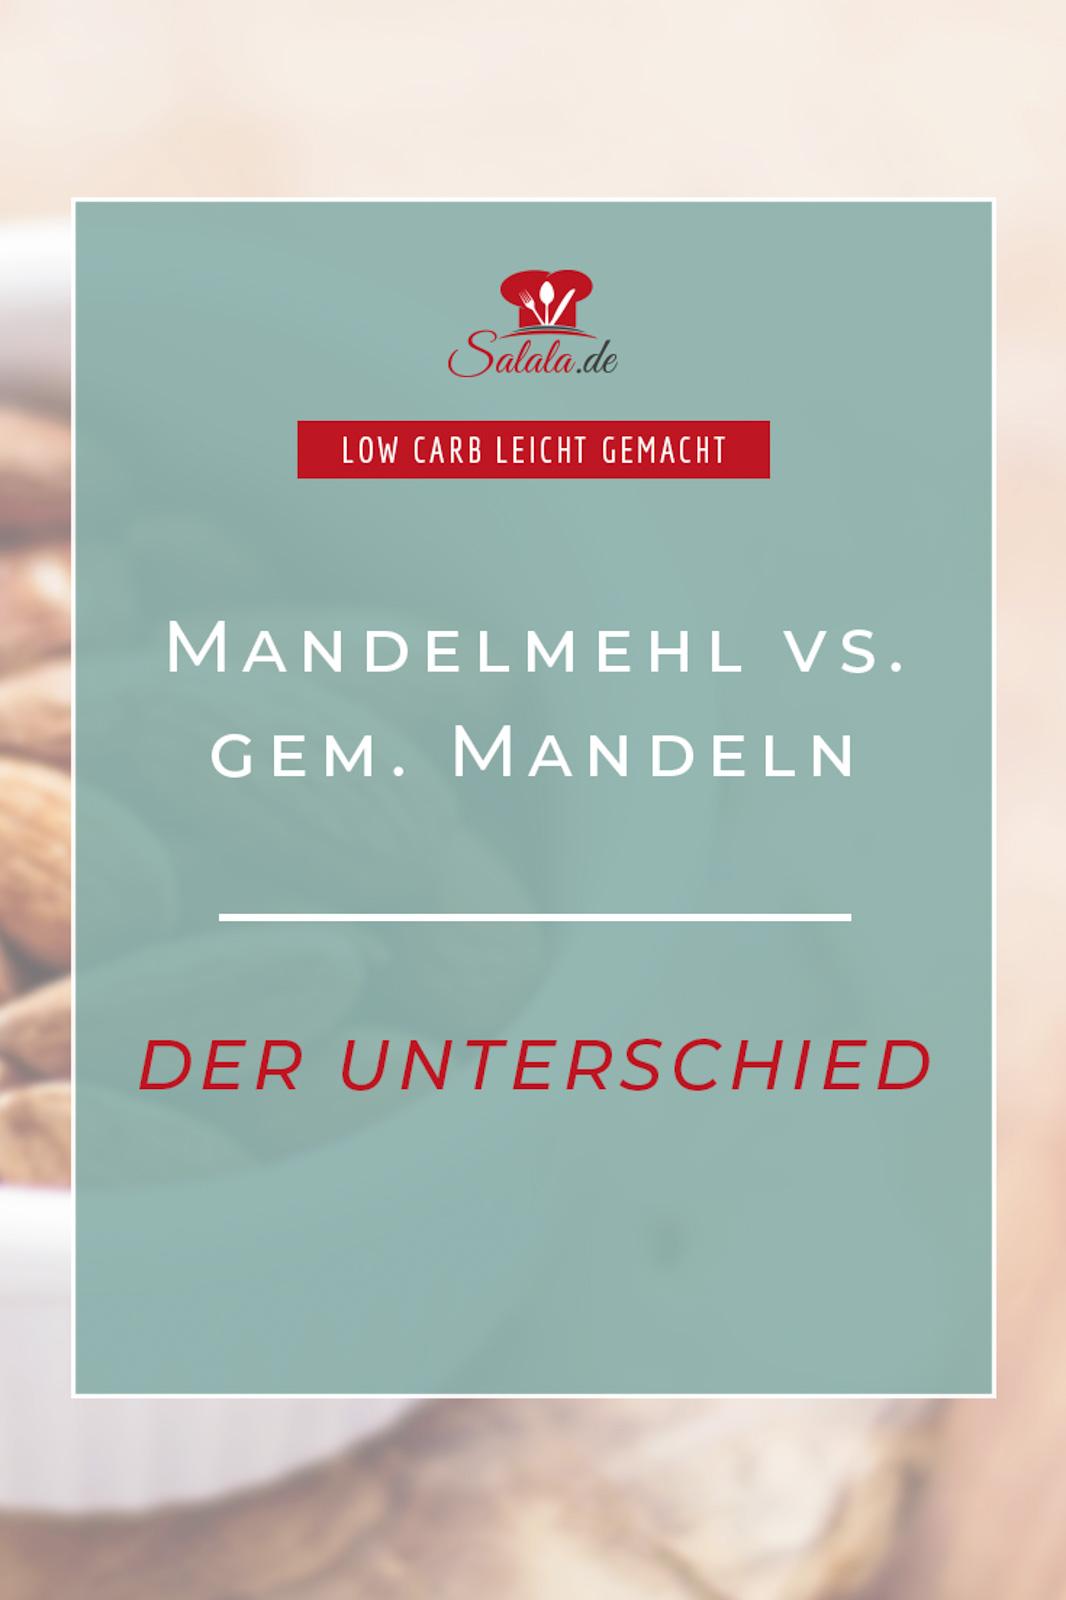 Was ist der Unterschied zwischen Mandelmehl und gemahlenen Mandeln? Kann man die einfach gegeneinander austauschen? Das erfährst du in diesem Artikel.  #Mandelmehl #Mehlvergleich #LowCarbMehl #backenmitMandelmehl #gemahleneMandeln #UnterschiedMandelmehlgemahleneMandeln #LowCarbbacken #LowCarbMehl #Mehlersatz